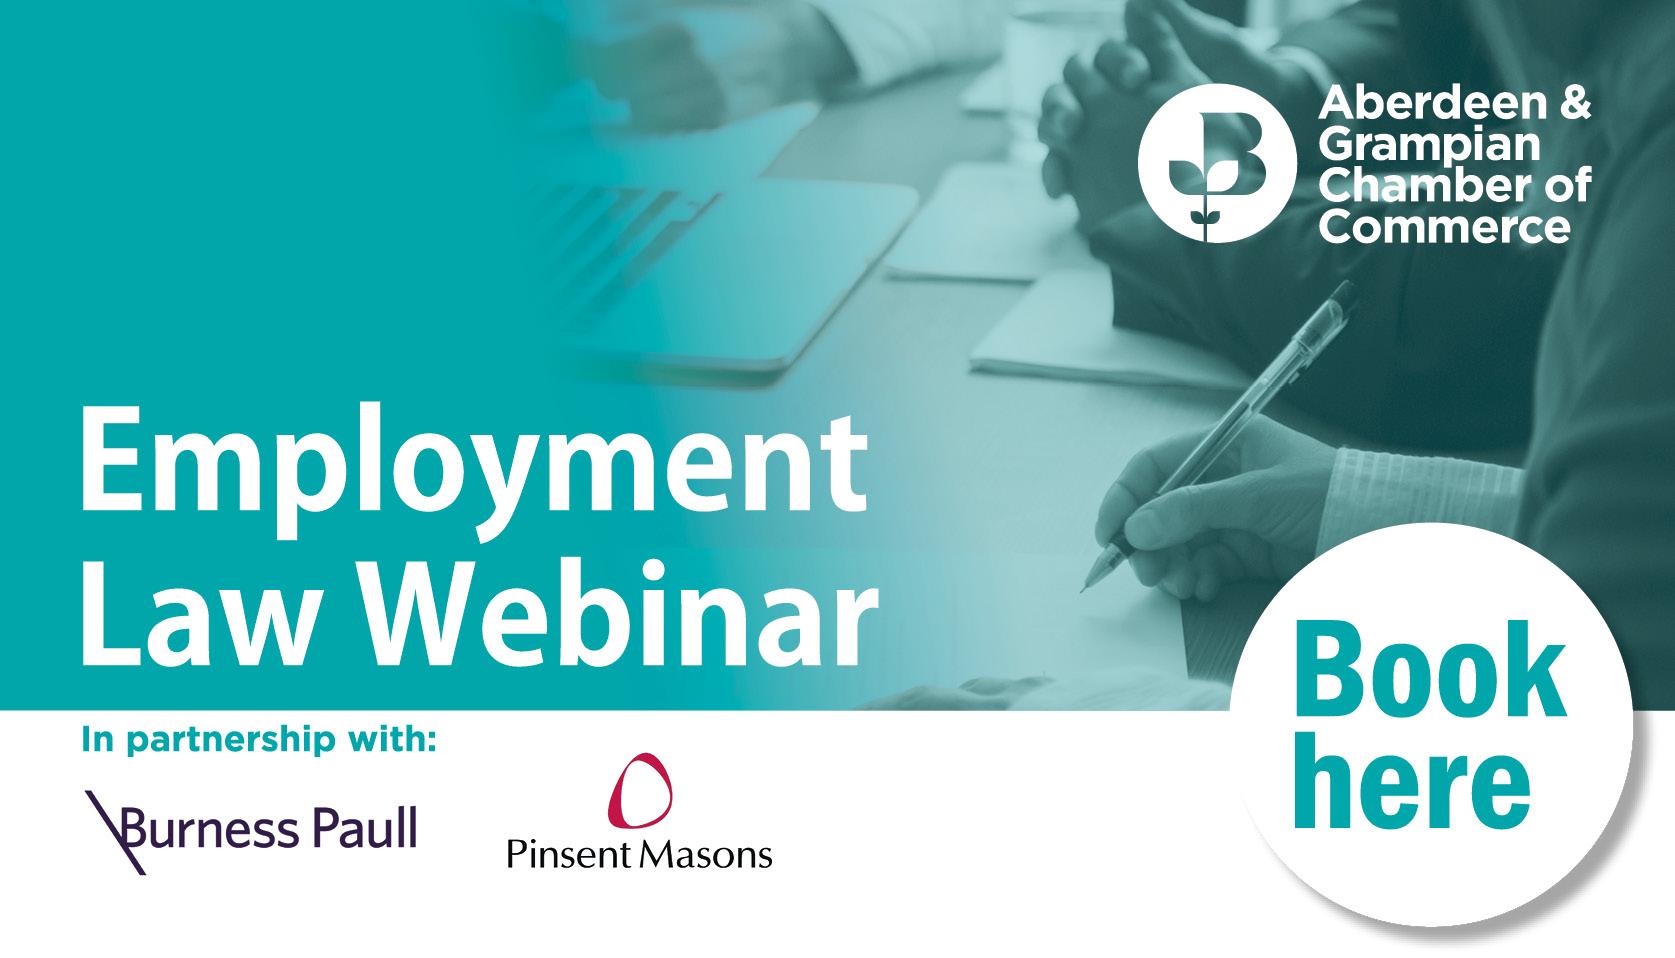 Employment Law Webinar